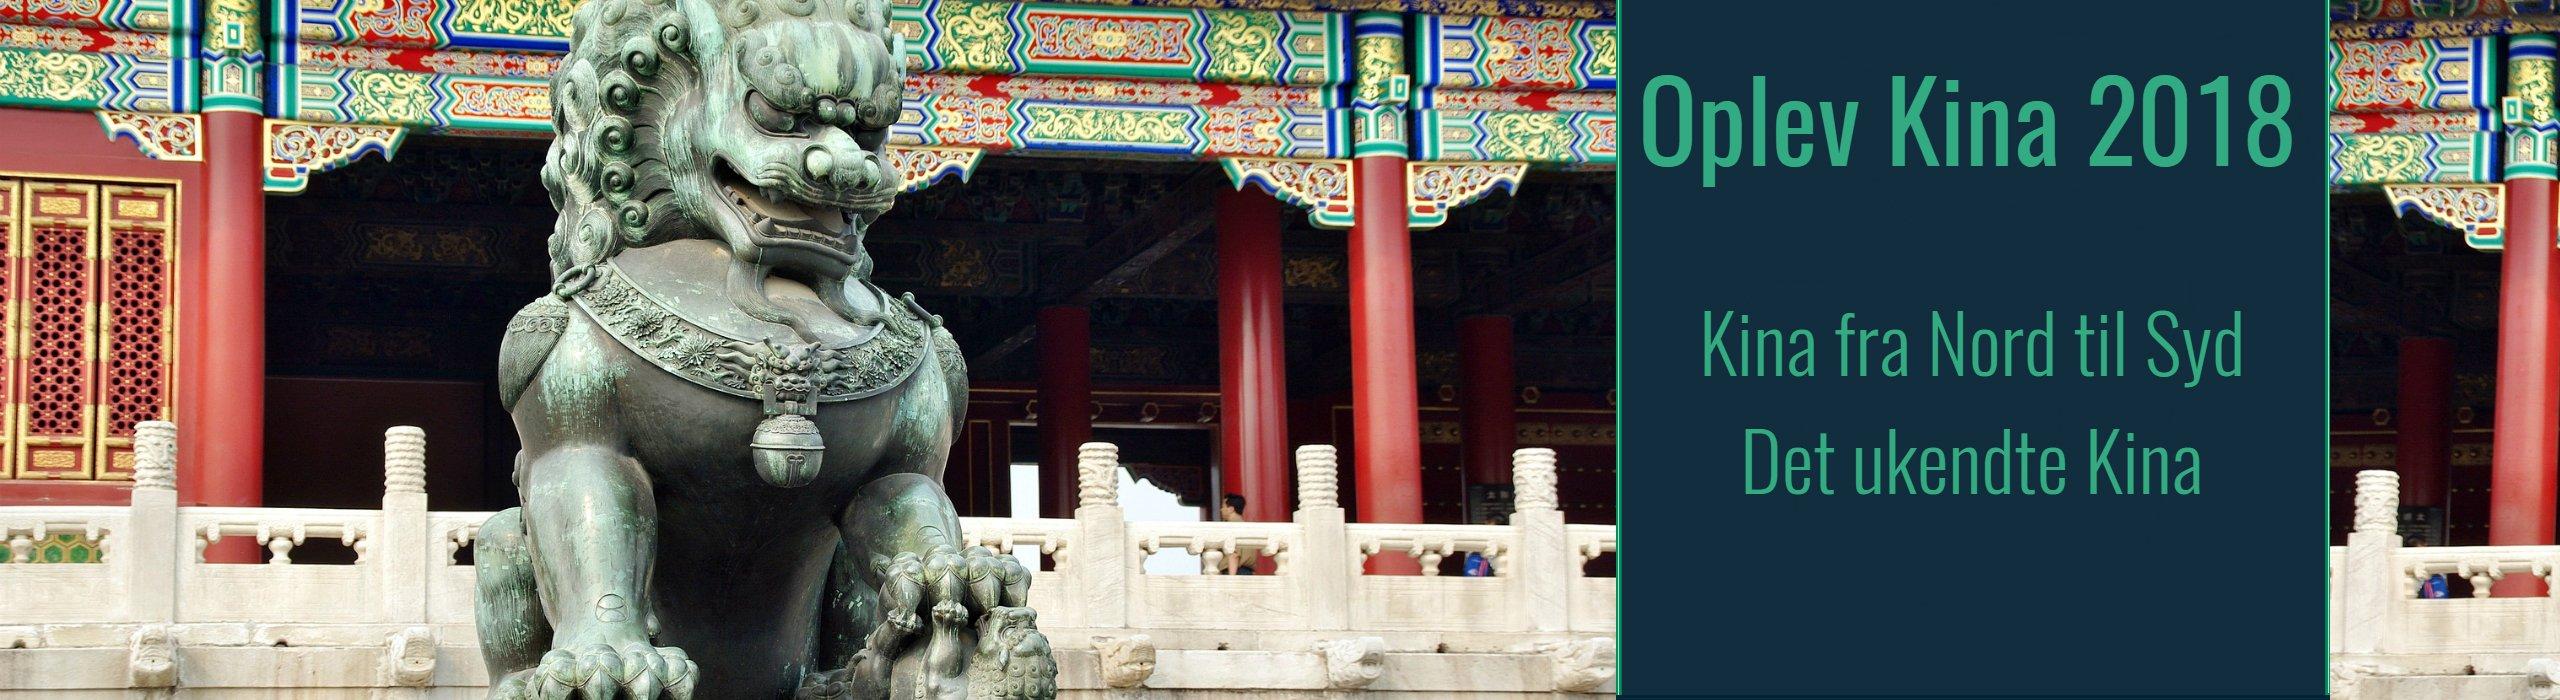 Rejser til Kina 2018